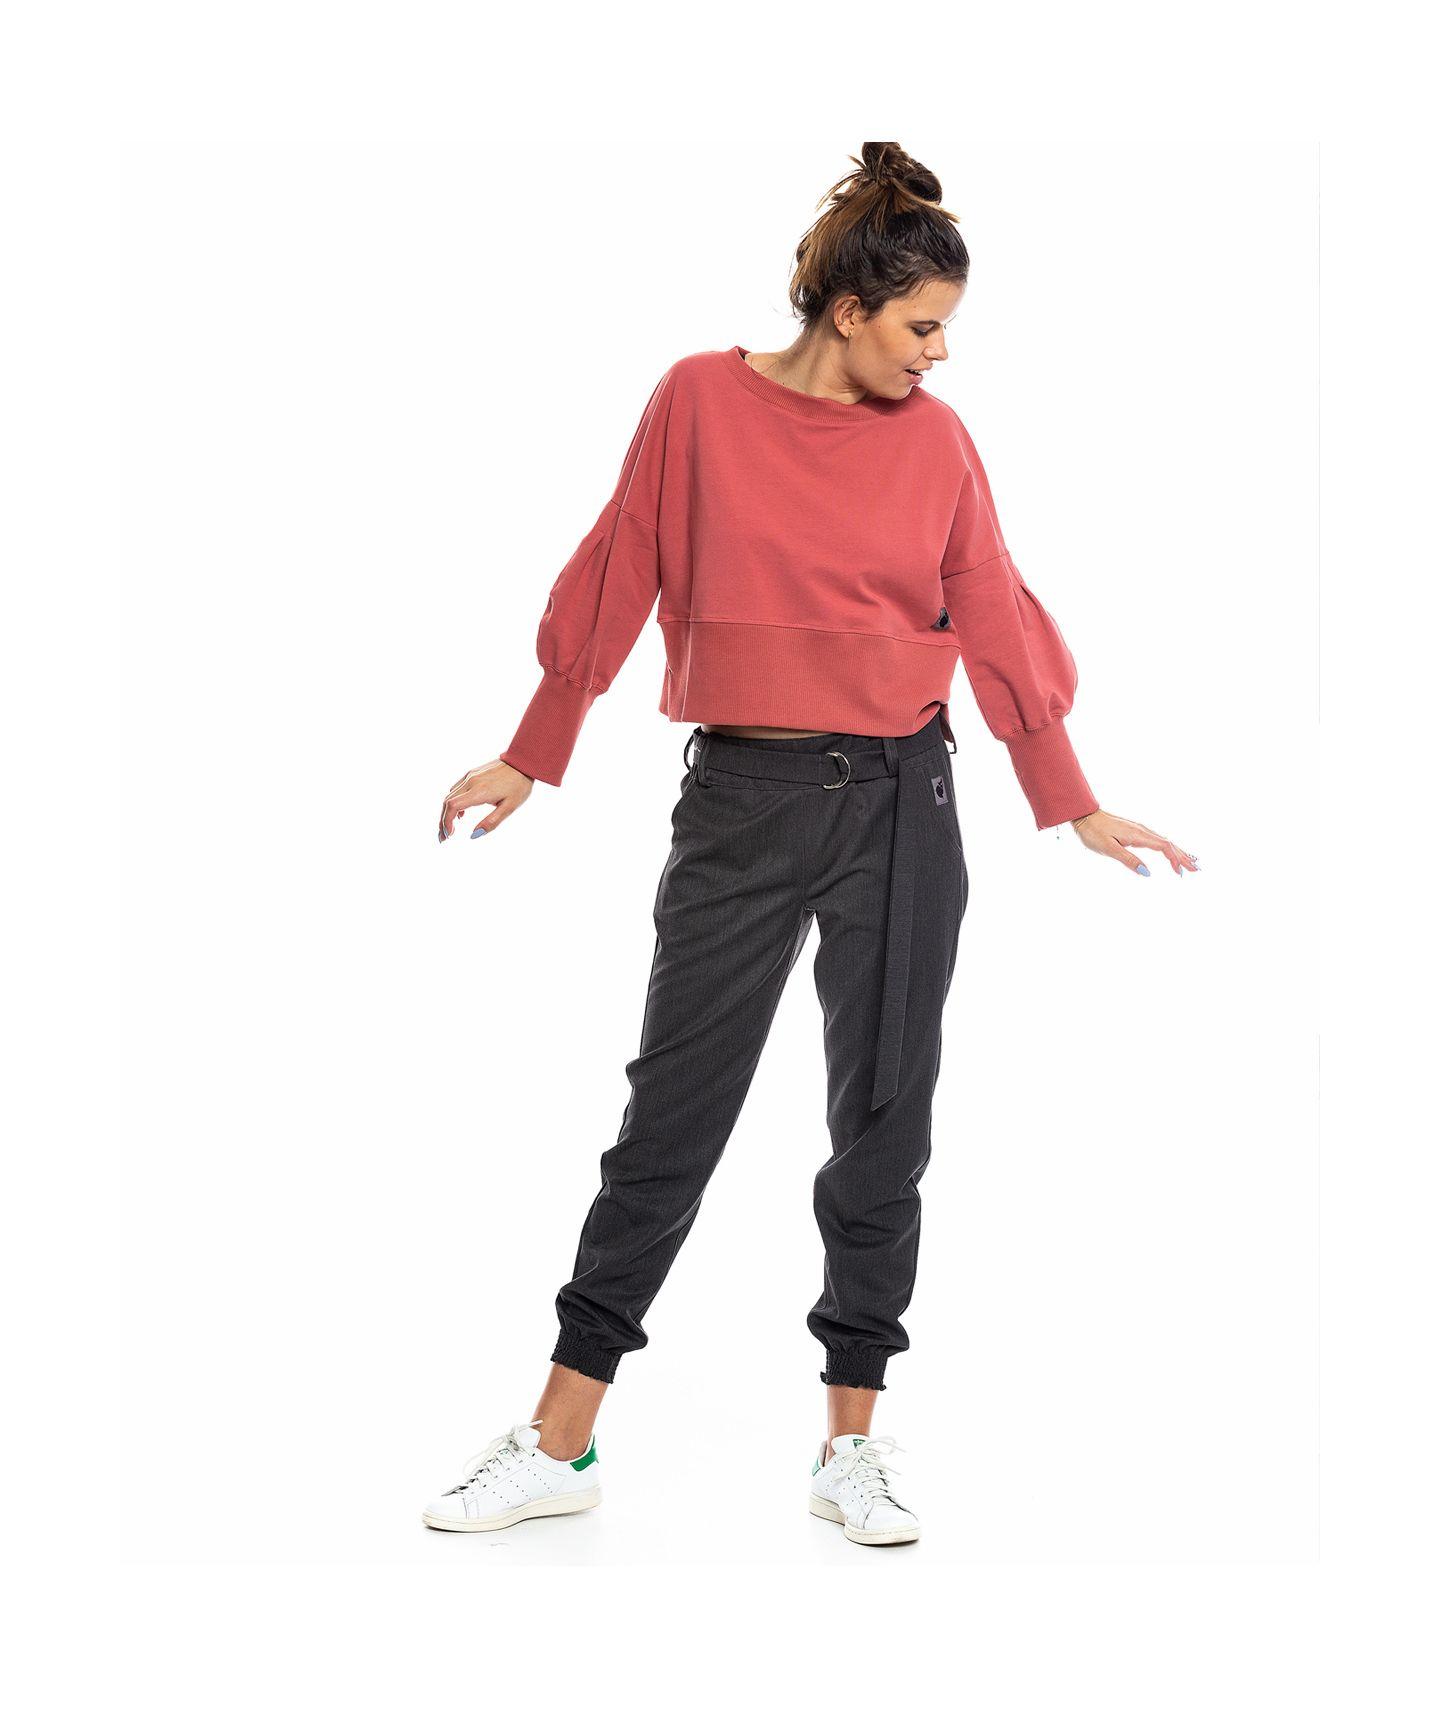 spodnie HANA 2.0 antracyt